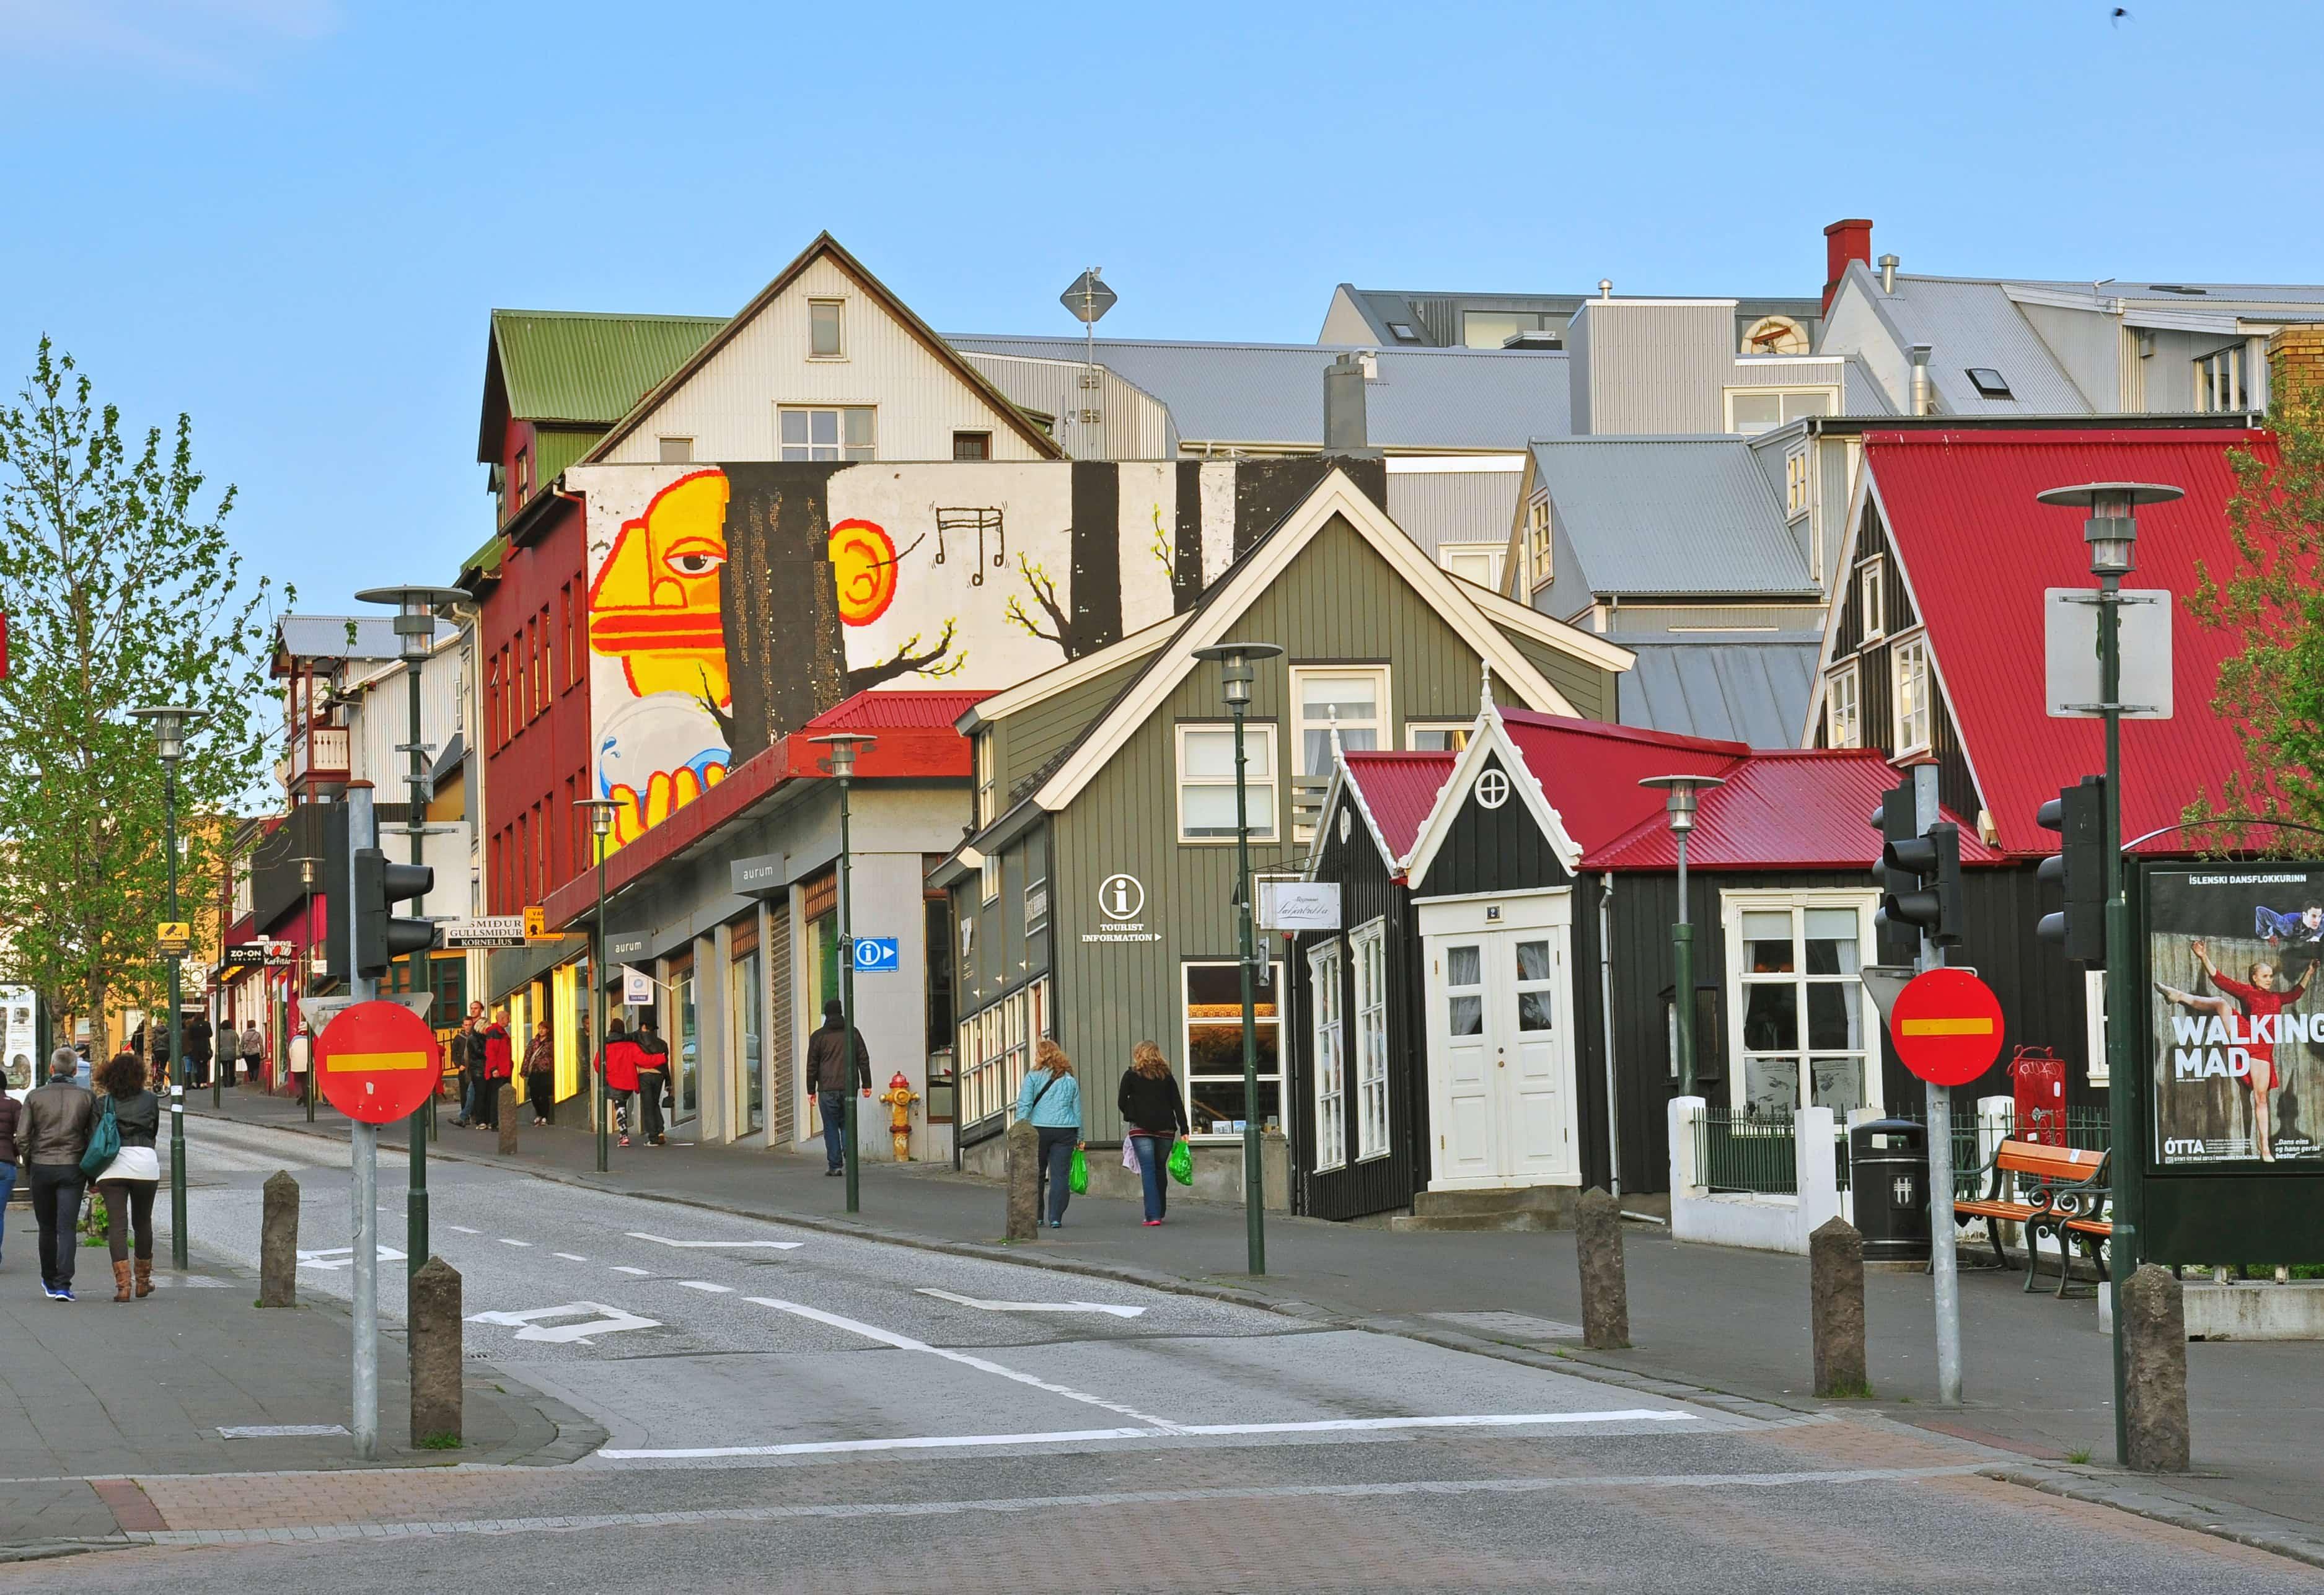 Downtown Reykjavik Scandinavia Snapshot guide